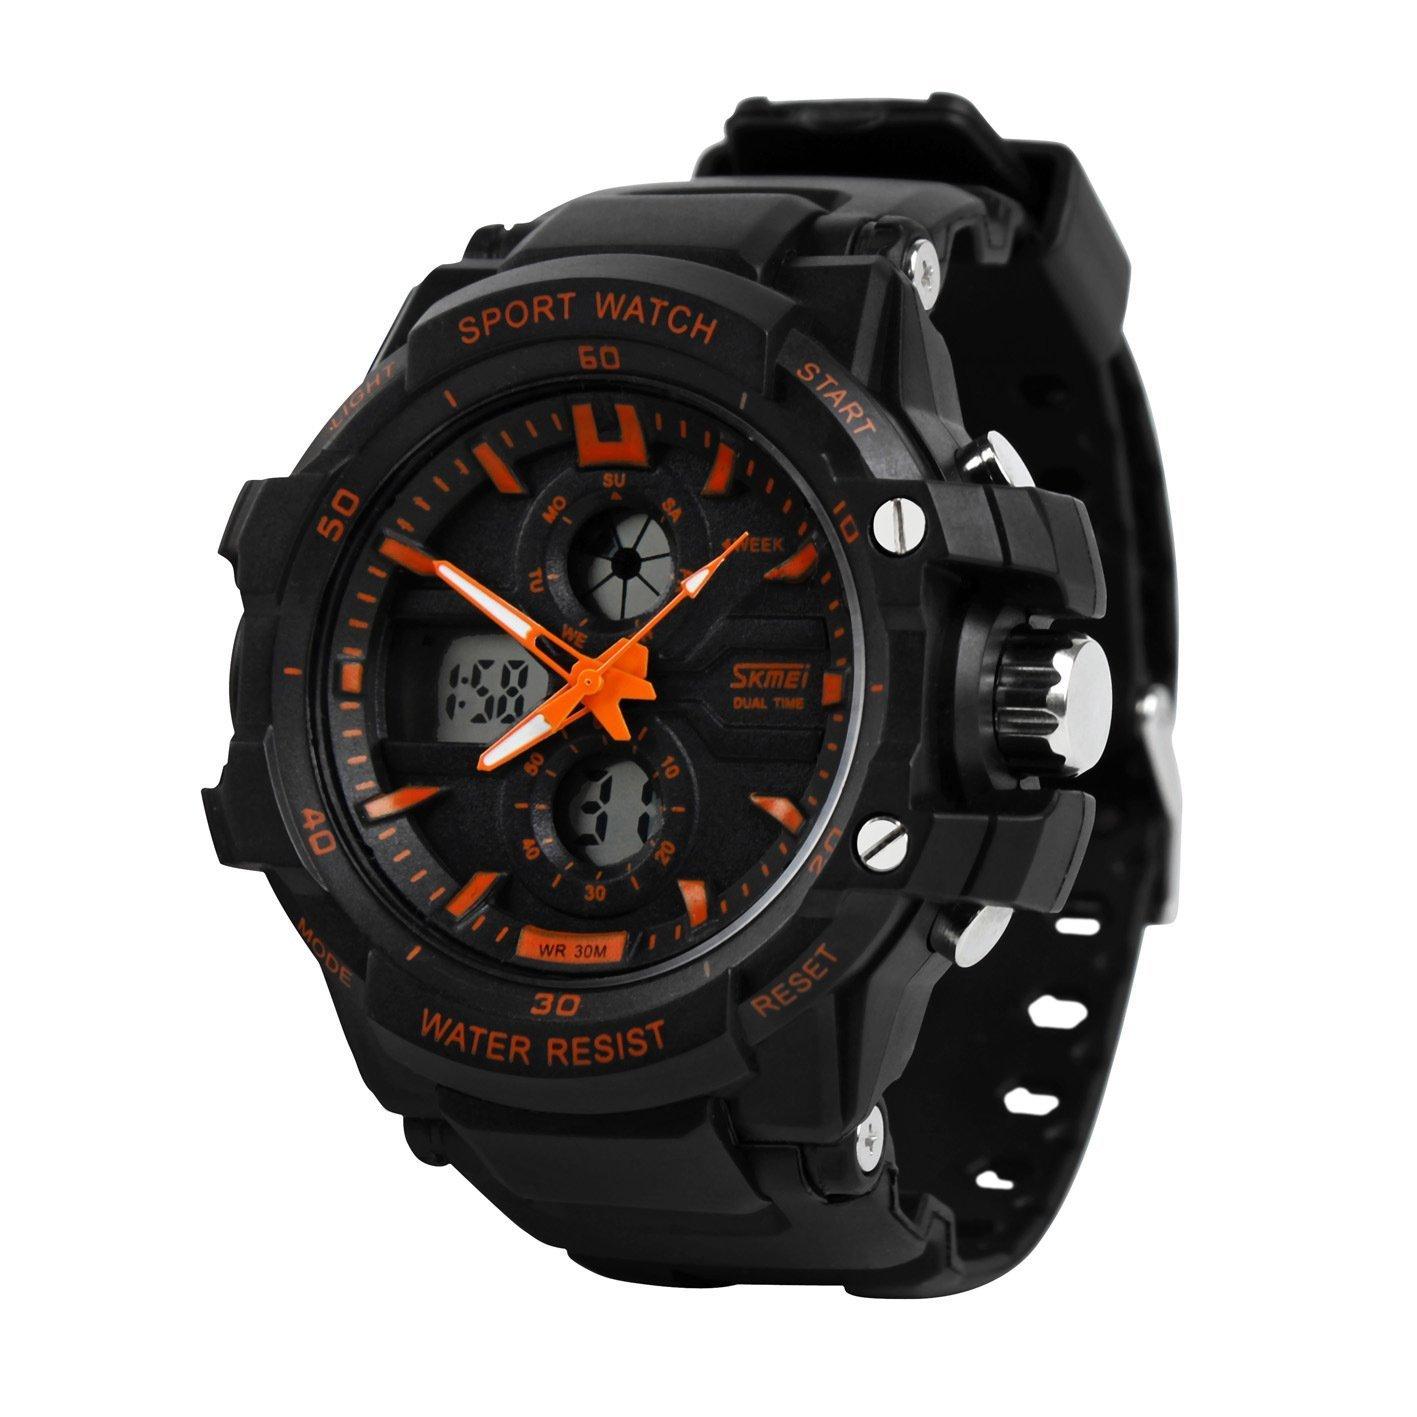 値引 (Orange) - J.MarketMen's Multi-function Watch 50 Digital LED watch B01KV23YXQ Electronic Sports Watch 50 Metres Waterproof Luminous Watch オレンジ B01KV23YXQ, North feel:8d4d4a5f --- ballyshannonshow.com